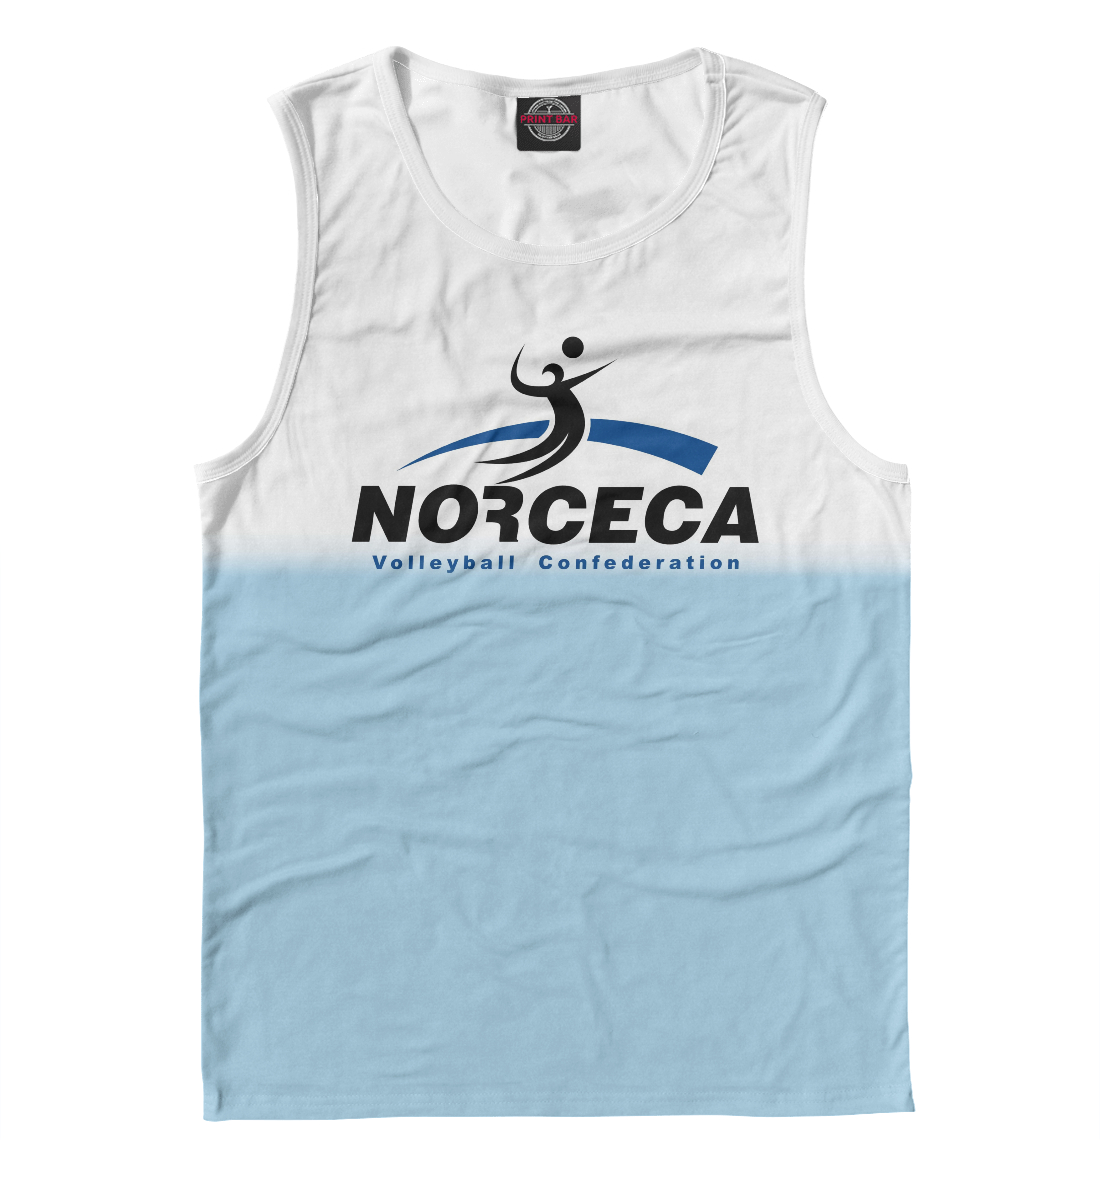 Купить Norceca volleyball confederation, Printbar, Майки, VLB-281557-may-2